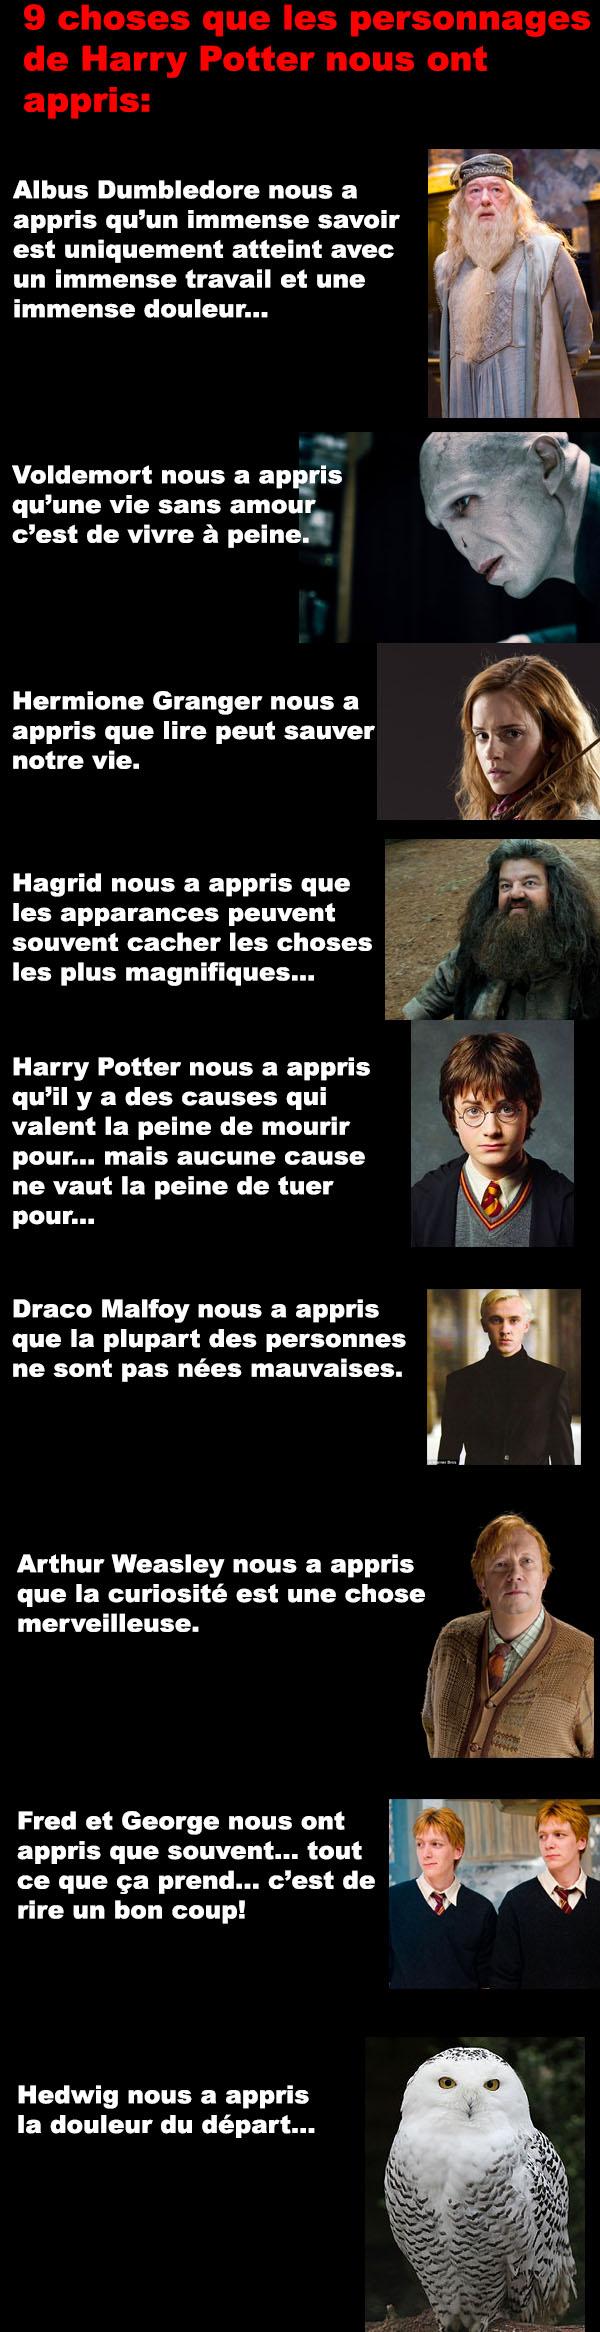 Les Personnages D Harry Potter : personnages, harry, potter, Choses, Personnages, Harry, Potter, Appris